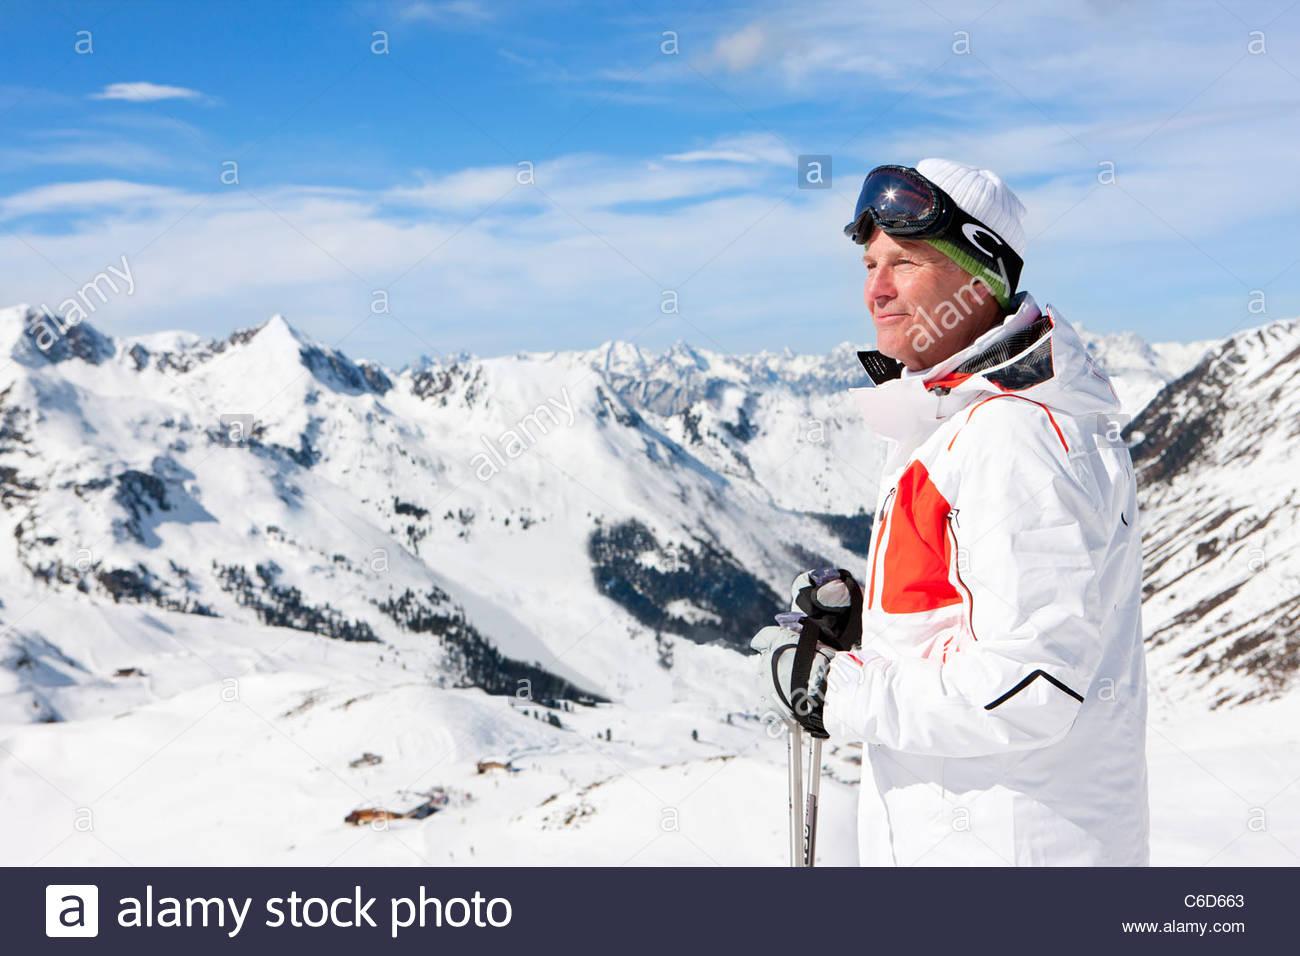 Smiling man with ski poles on snowy mountain - Stock Image